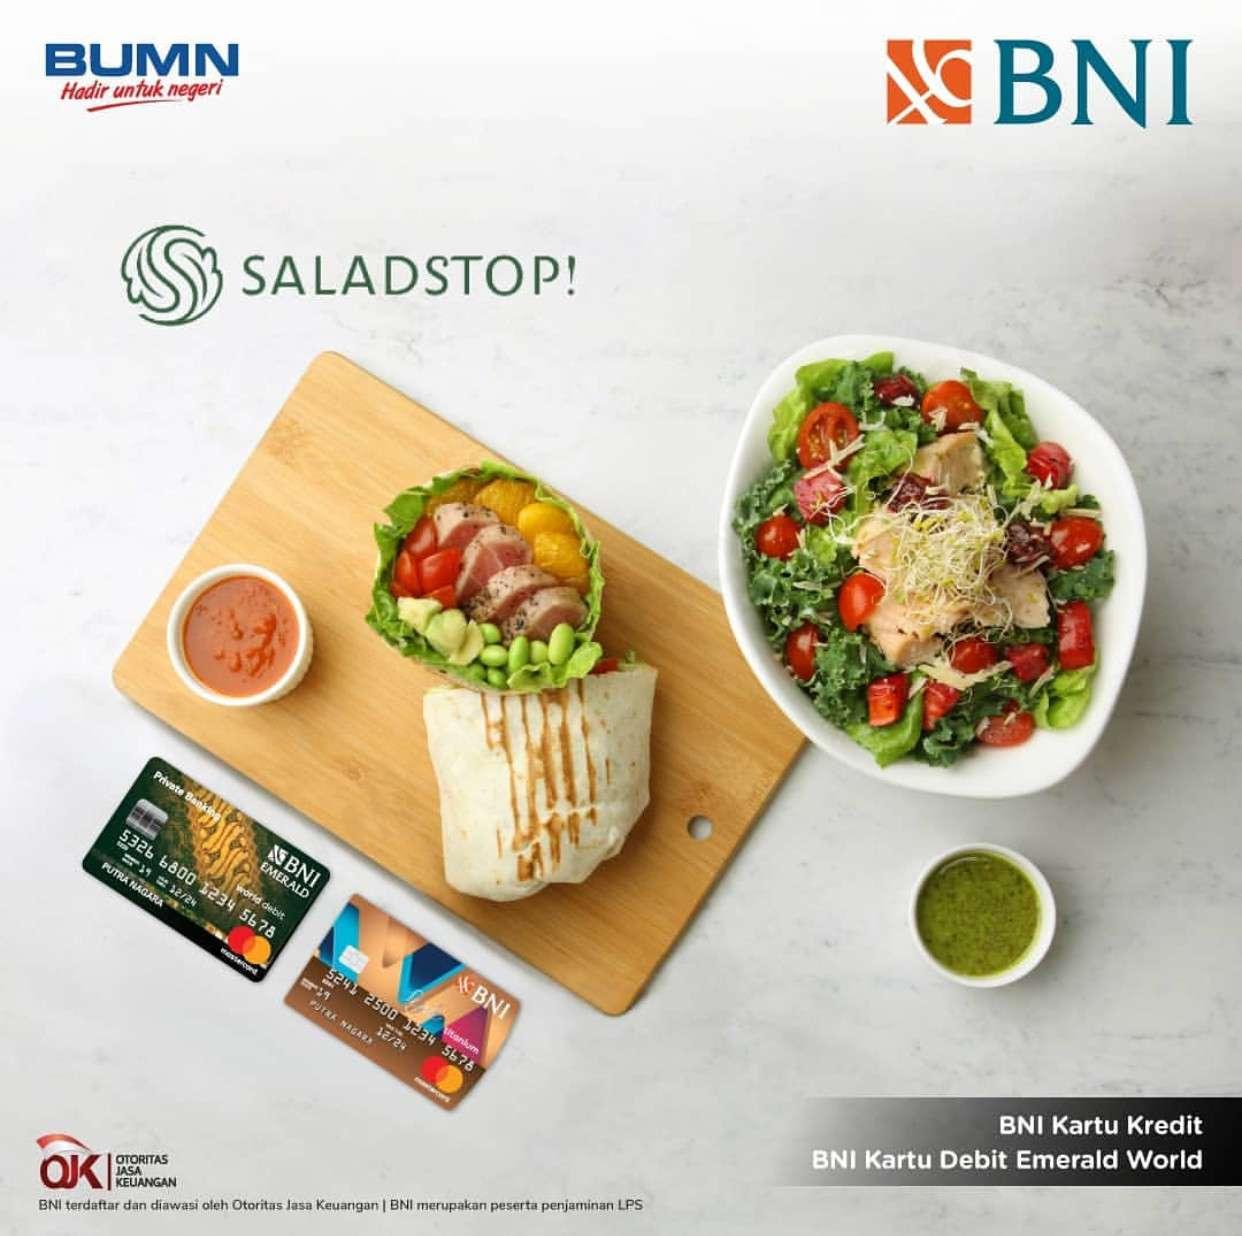 SaladStop! Promo Gratis Complimentary Smoothies + Premium Topping dengan Kartu Kredit BNI dan Debit